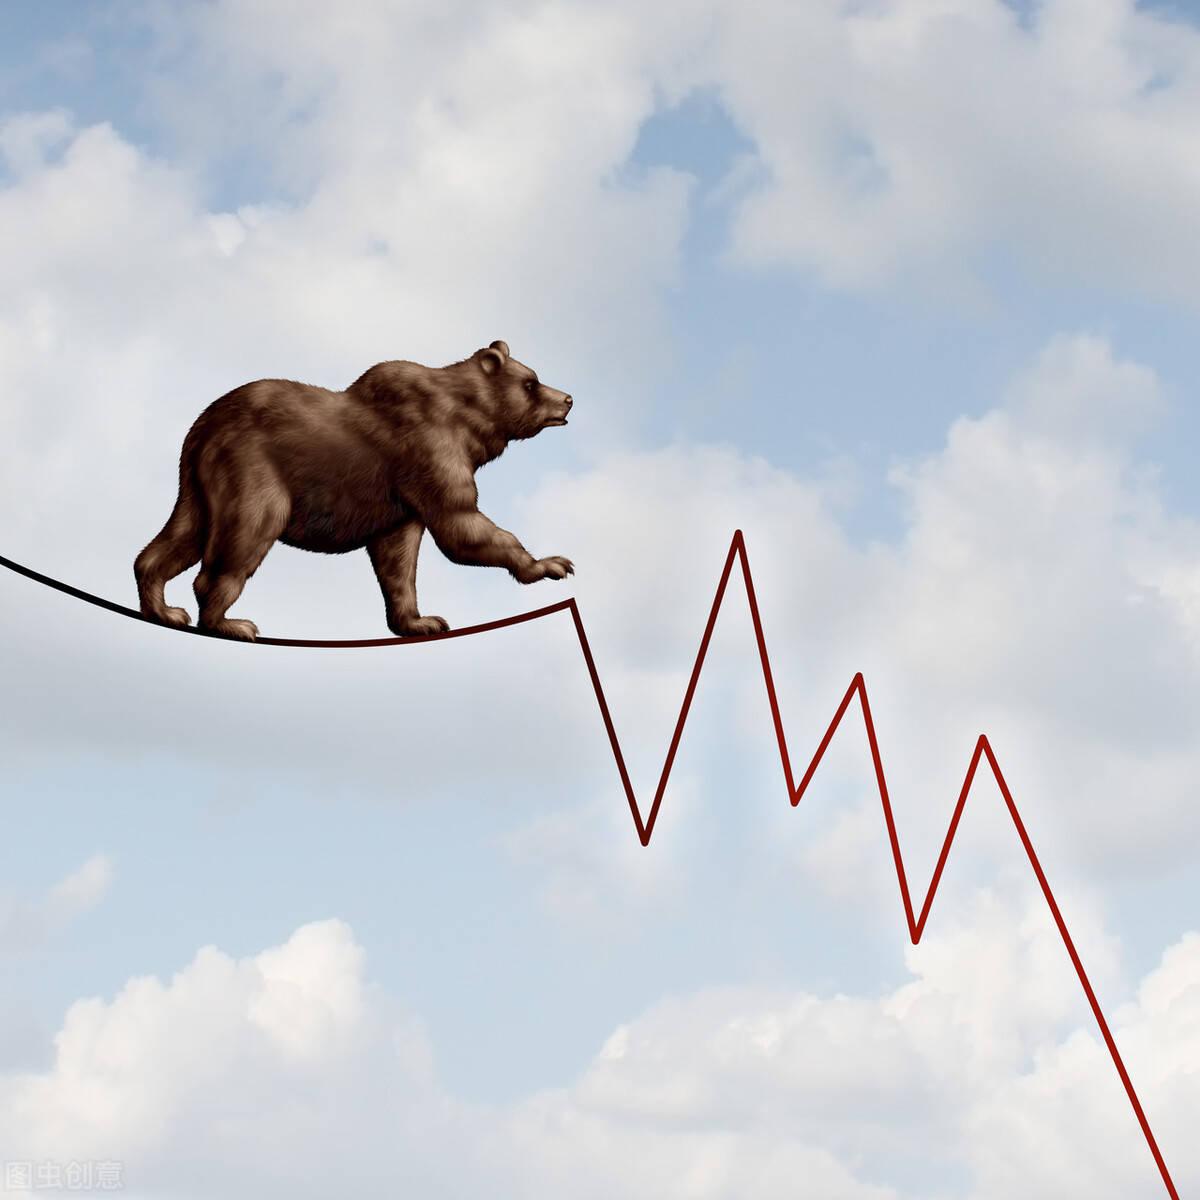 _股价破净后,近年跌85%的大熊股看不下去了,宣布拟回购五到十亿